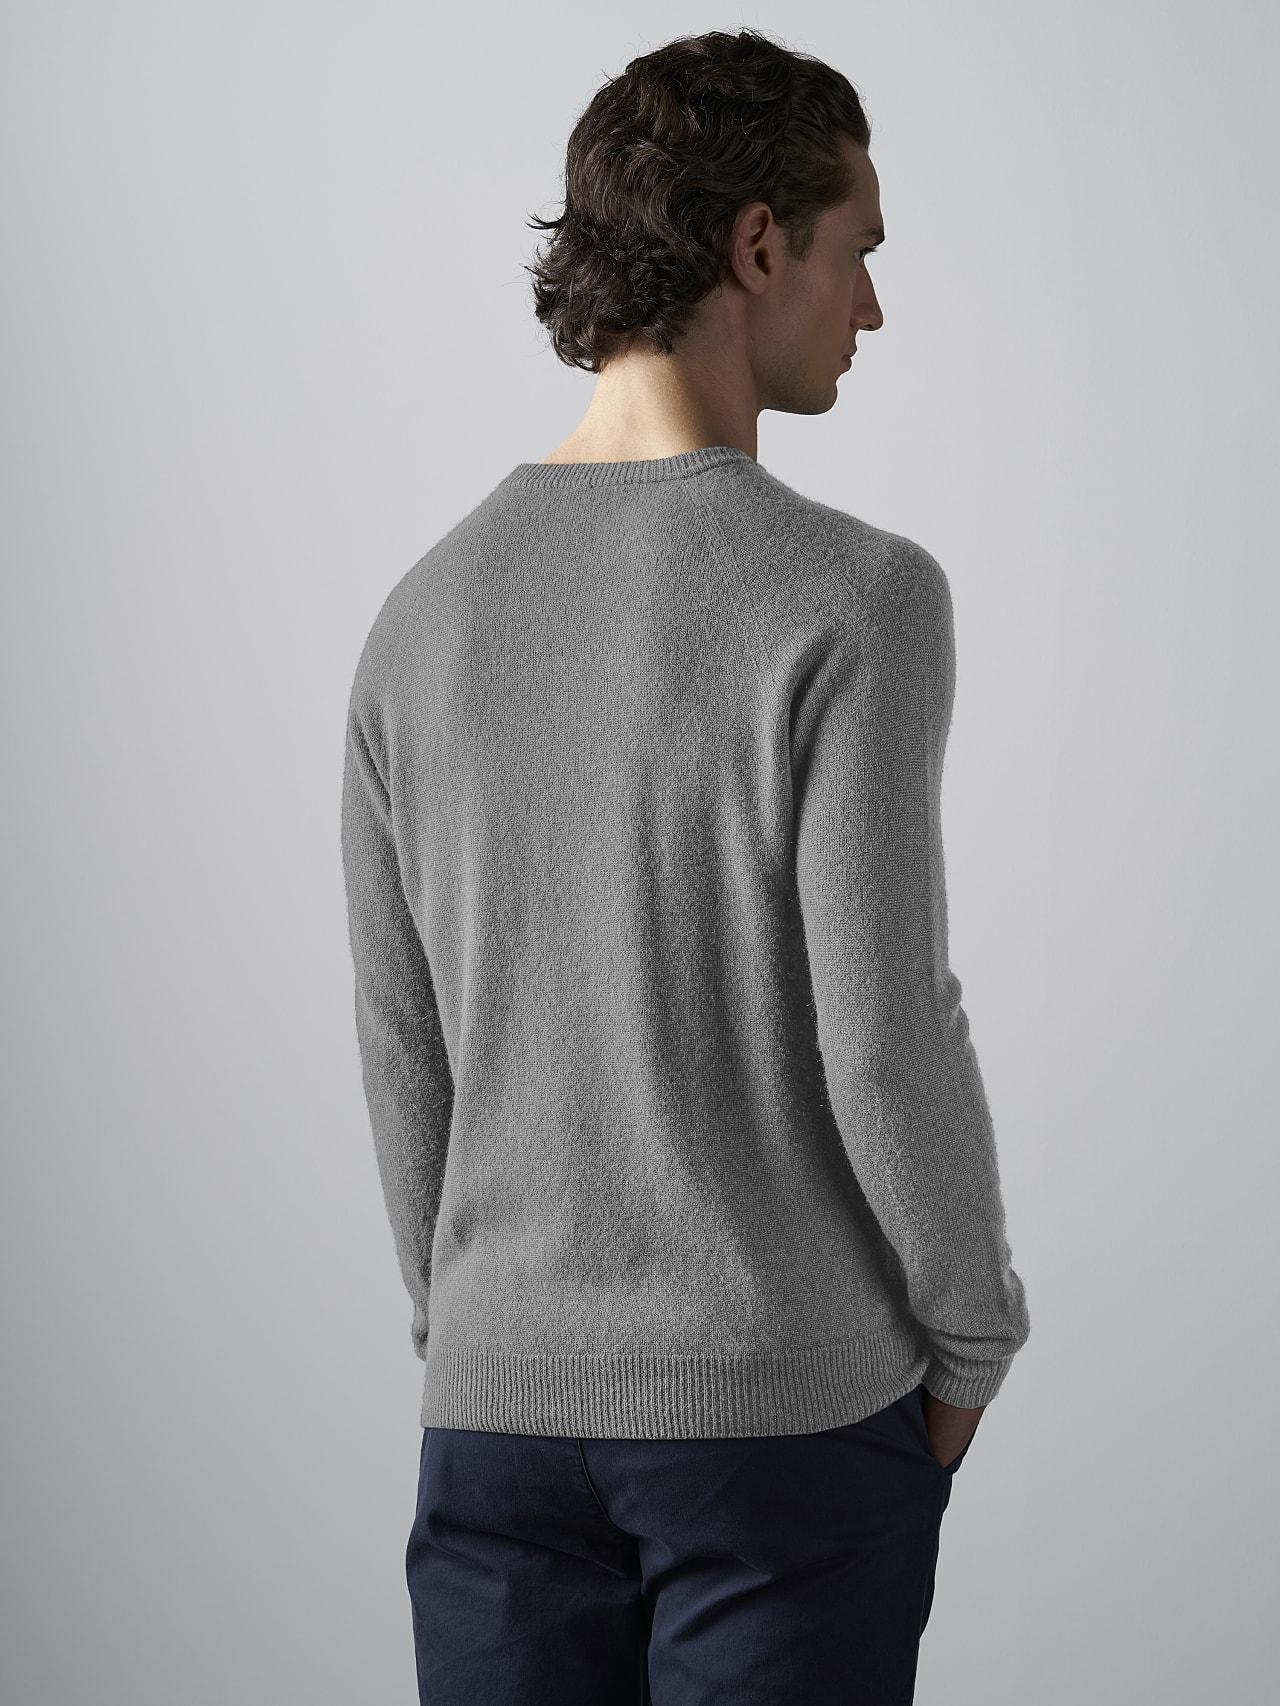 FLACK V2.Y4.02 Nahtloser 3D Knit Merino-Kaschmir Pullover Grau / Melange Haupt Vorne Alpha Tauri